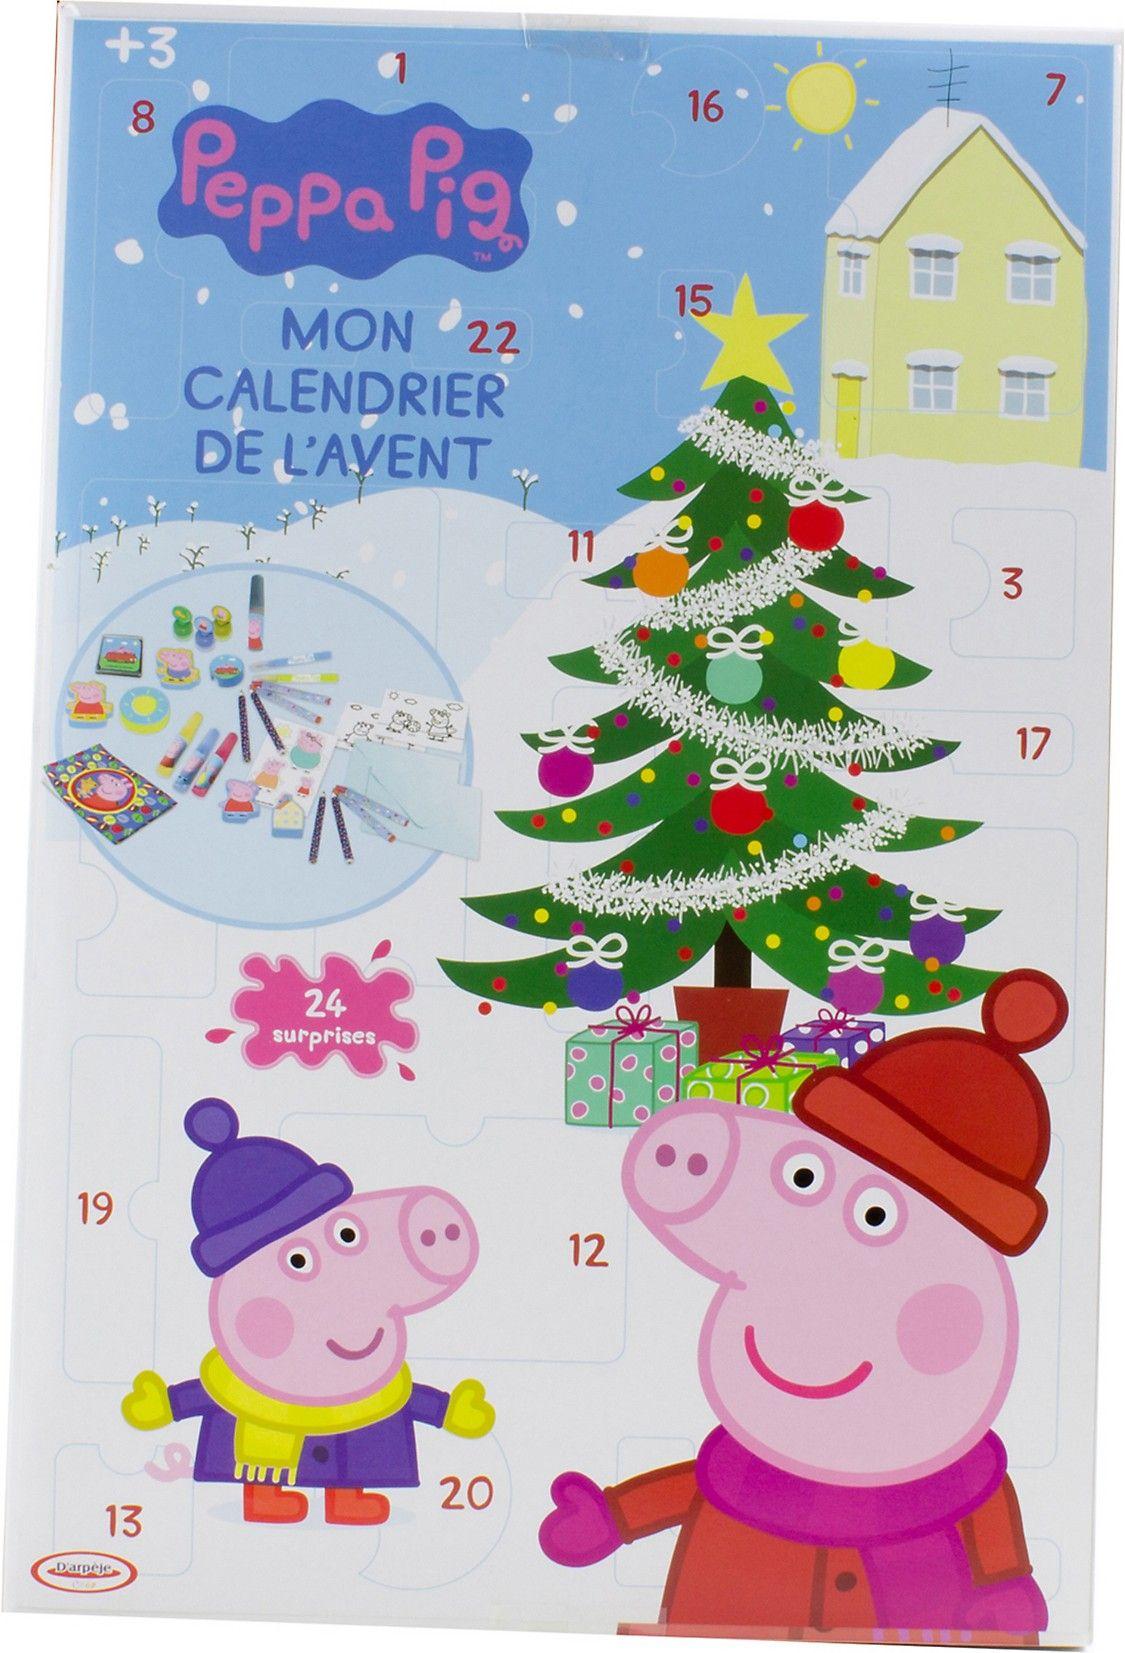 Calendrier De L'avent Peppa Pig : calendrier, l'avent, peppa, PEPPA, Advent, Calendar, Selfridges.com, Calendar,, Advent,